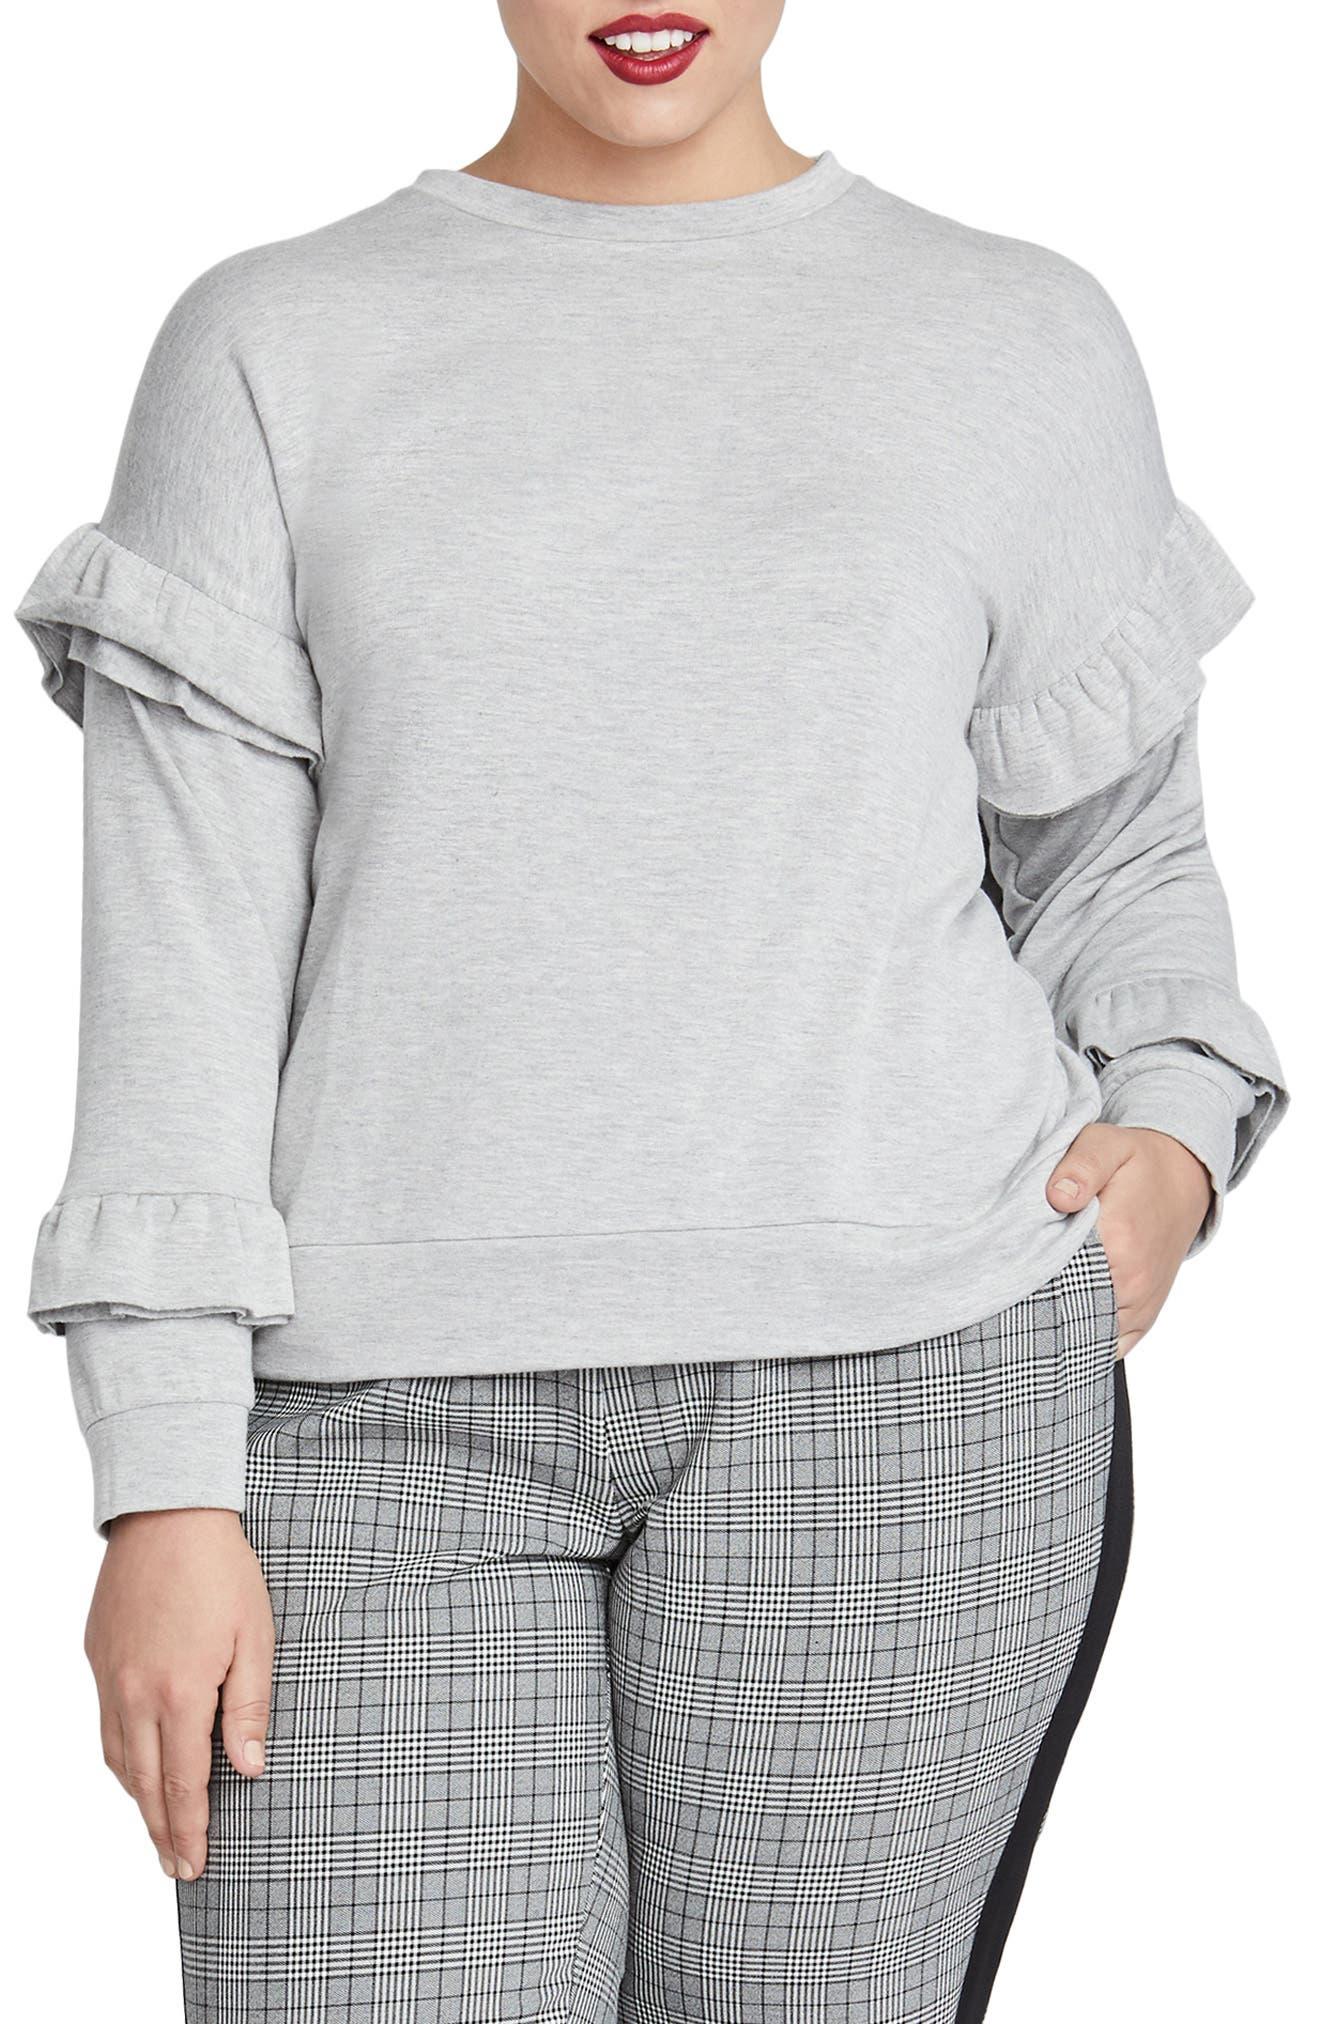 Plus Size Rachel Rachel Roy Miranda Ruffle Sweatshirt, Grey